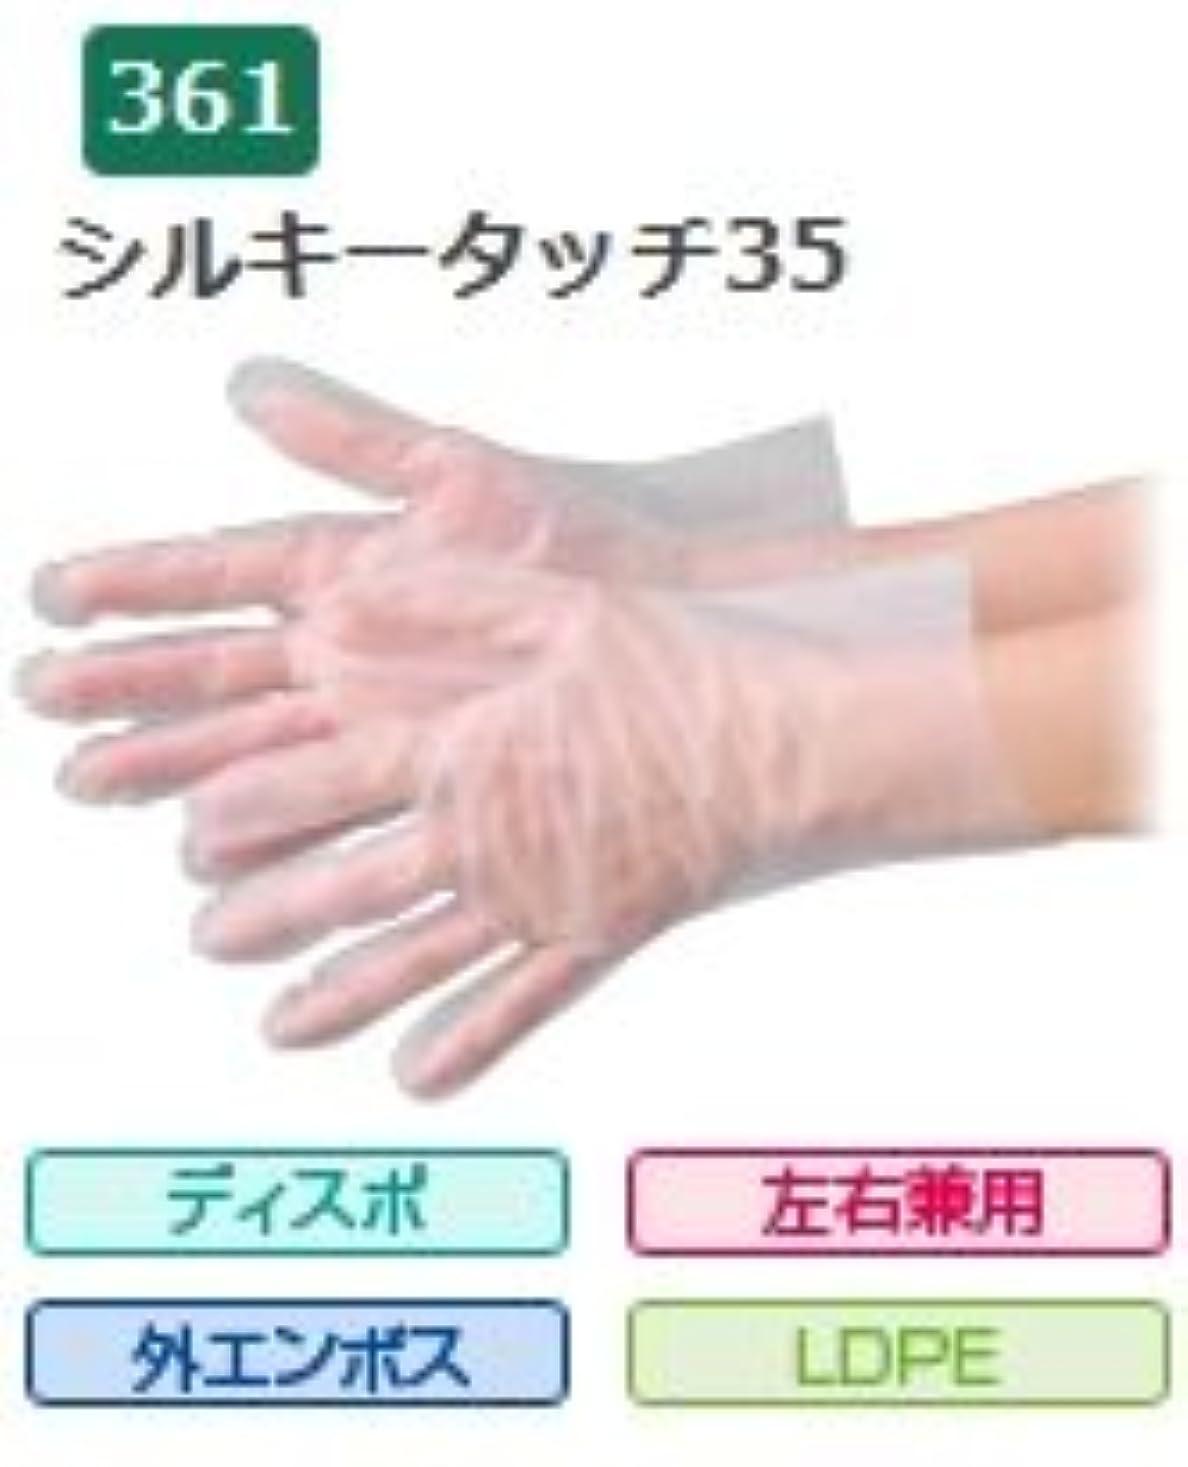 エブノ ポリエチレン手袋 No.361 L 半透明 (100枚×50箱) シルキータッチ35 箱入